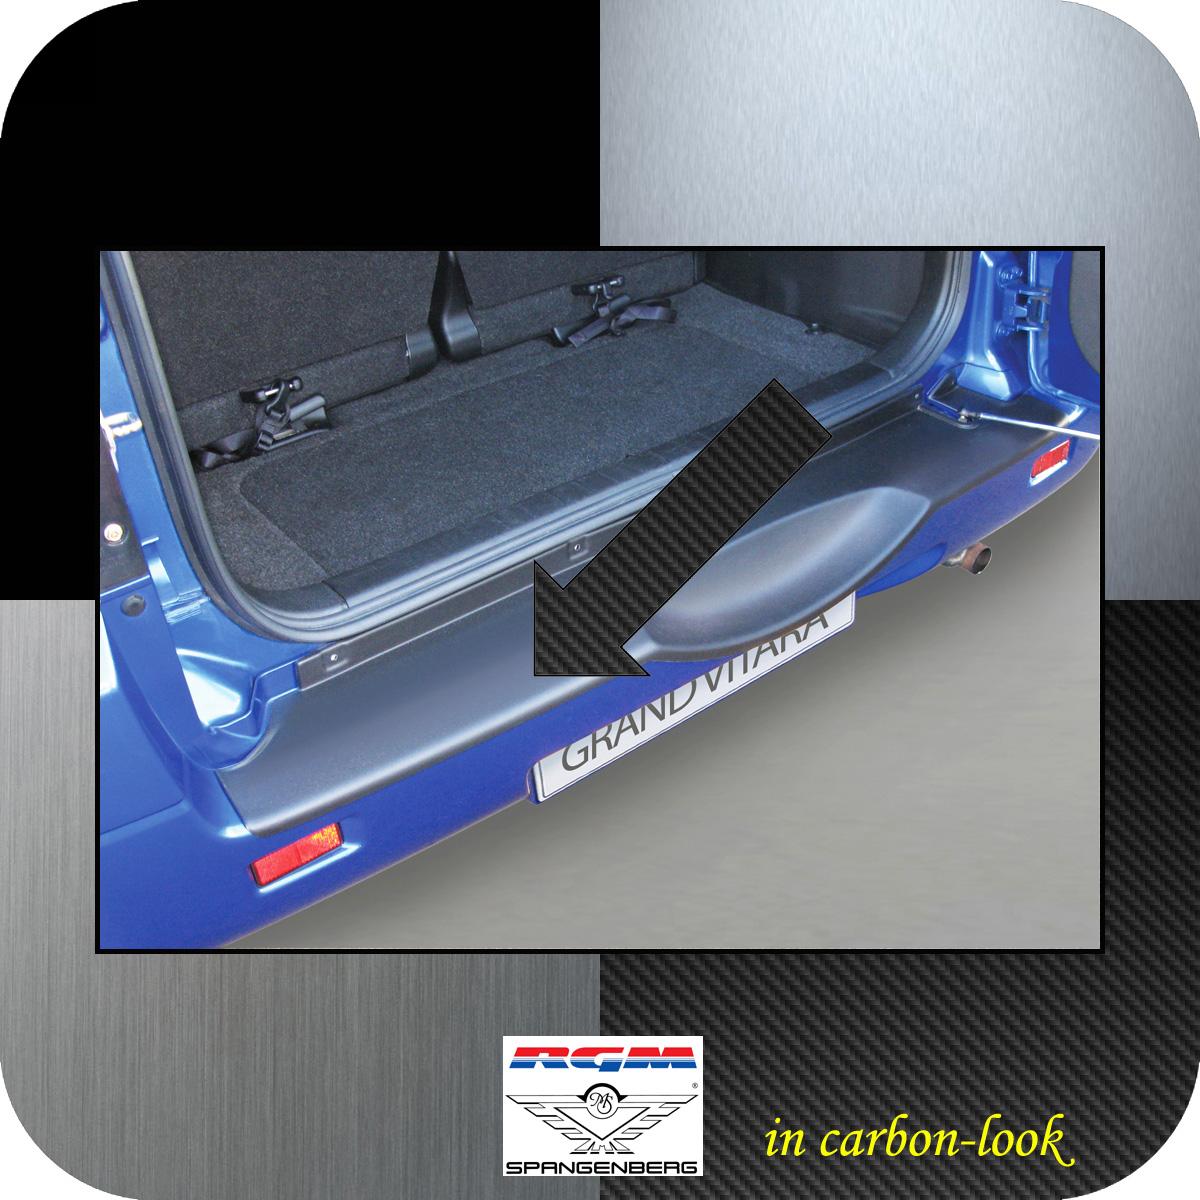 Ladekantenschutz Carbon-Look Suzuki Grand Vitara II Radhalter 2005-2015 3509553